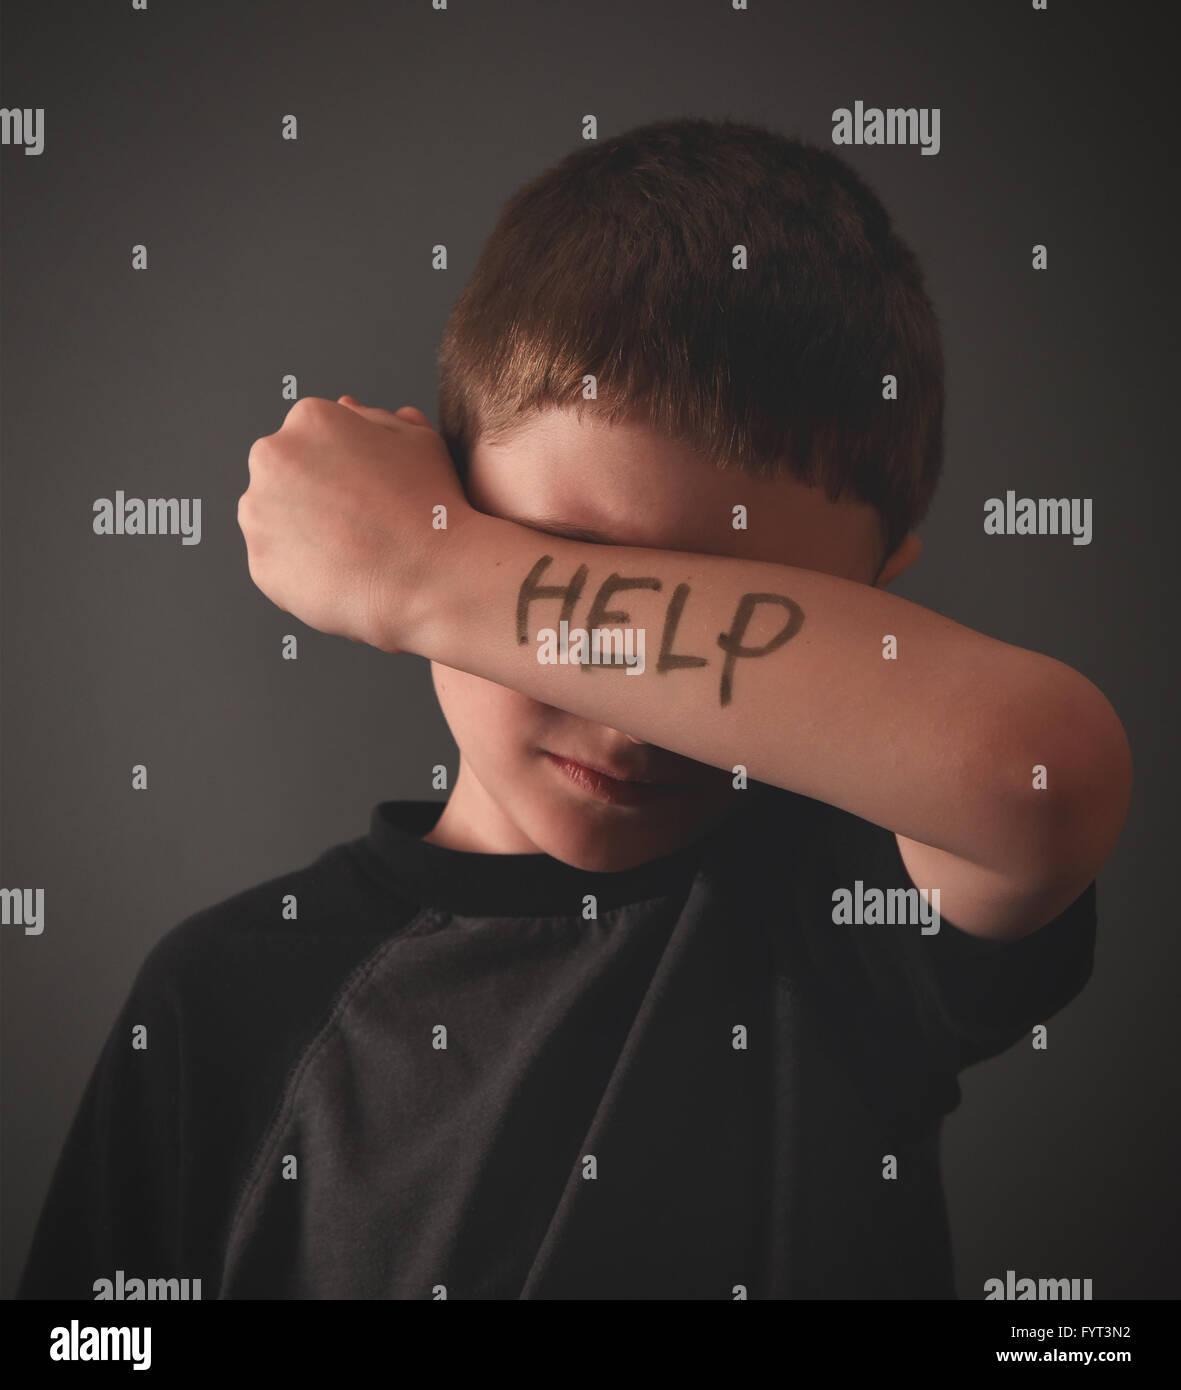 Un niño está ocultando sus ojos con un mensaje escrito de ayuda en su brazo para un problema social, bully o tristeza Foto de stock